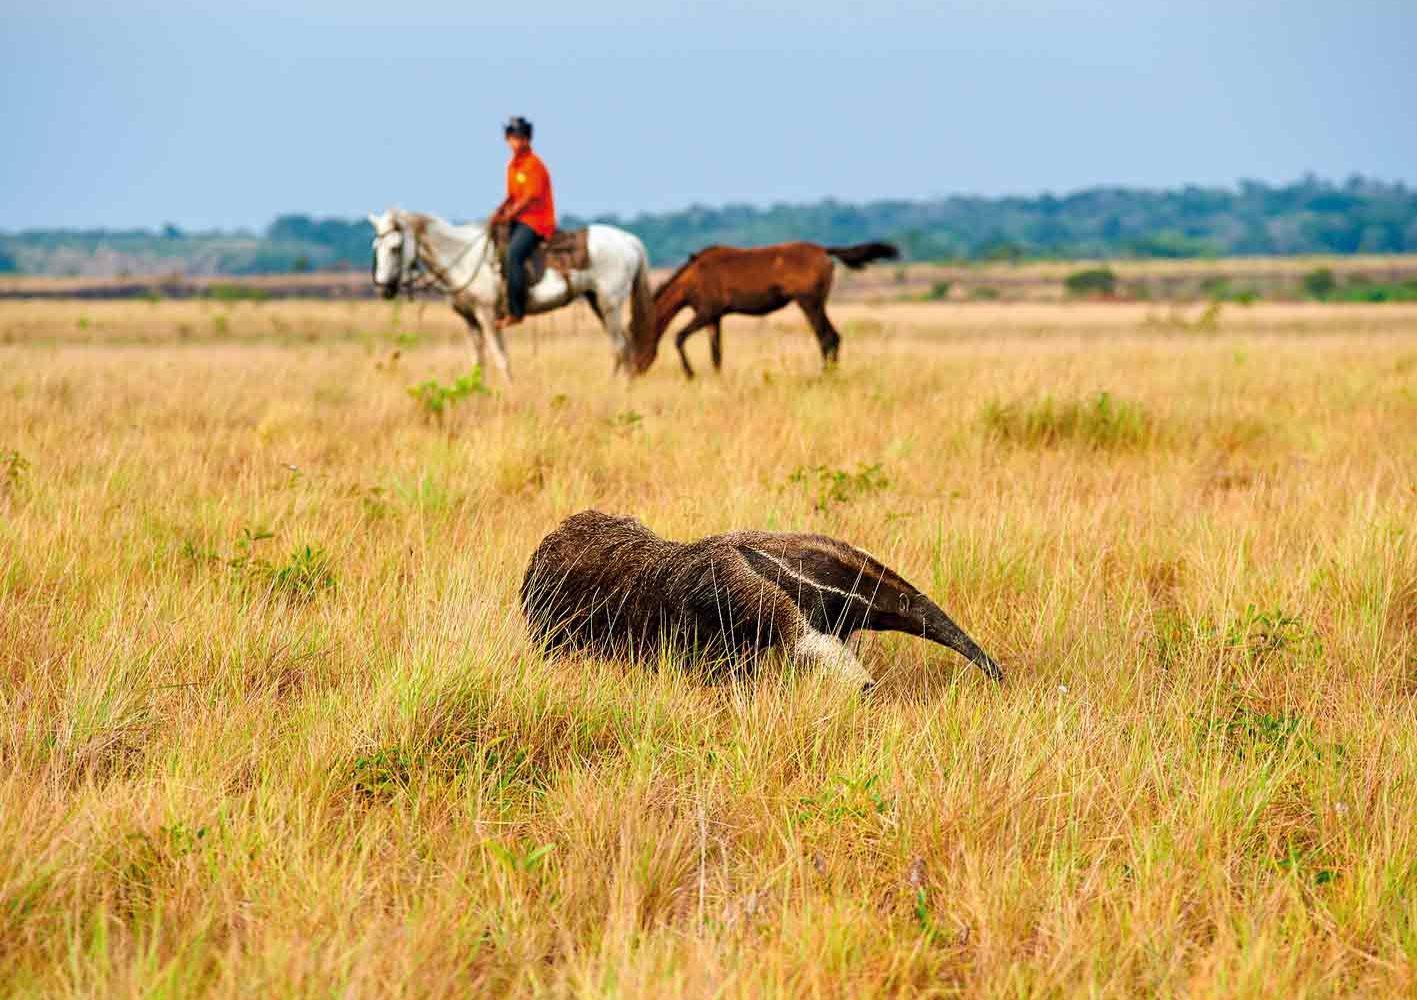 In der Savanne sehen wir mit etwas Glück einen Ameisenbären, Guyana